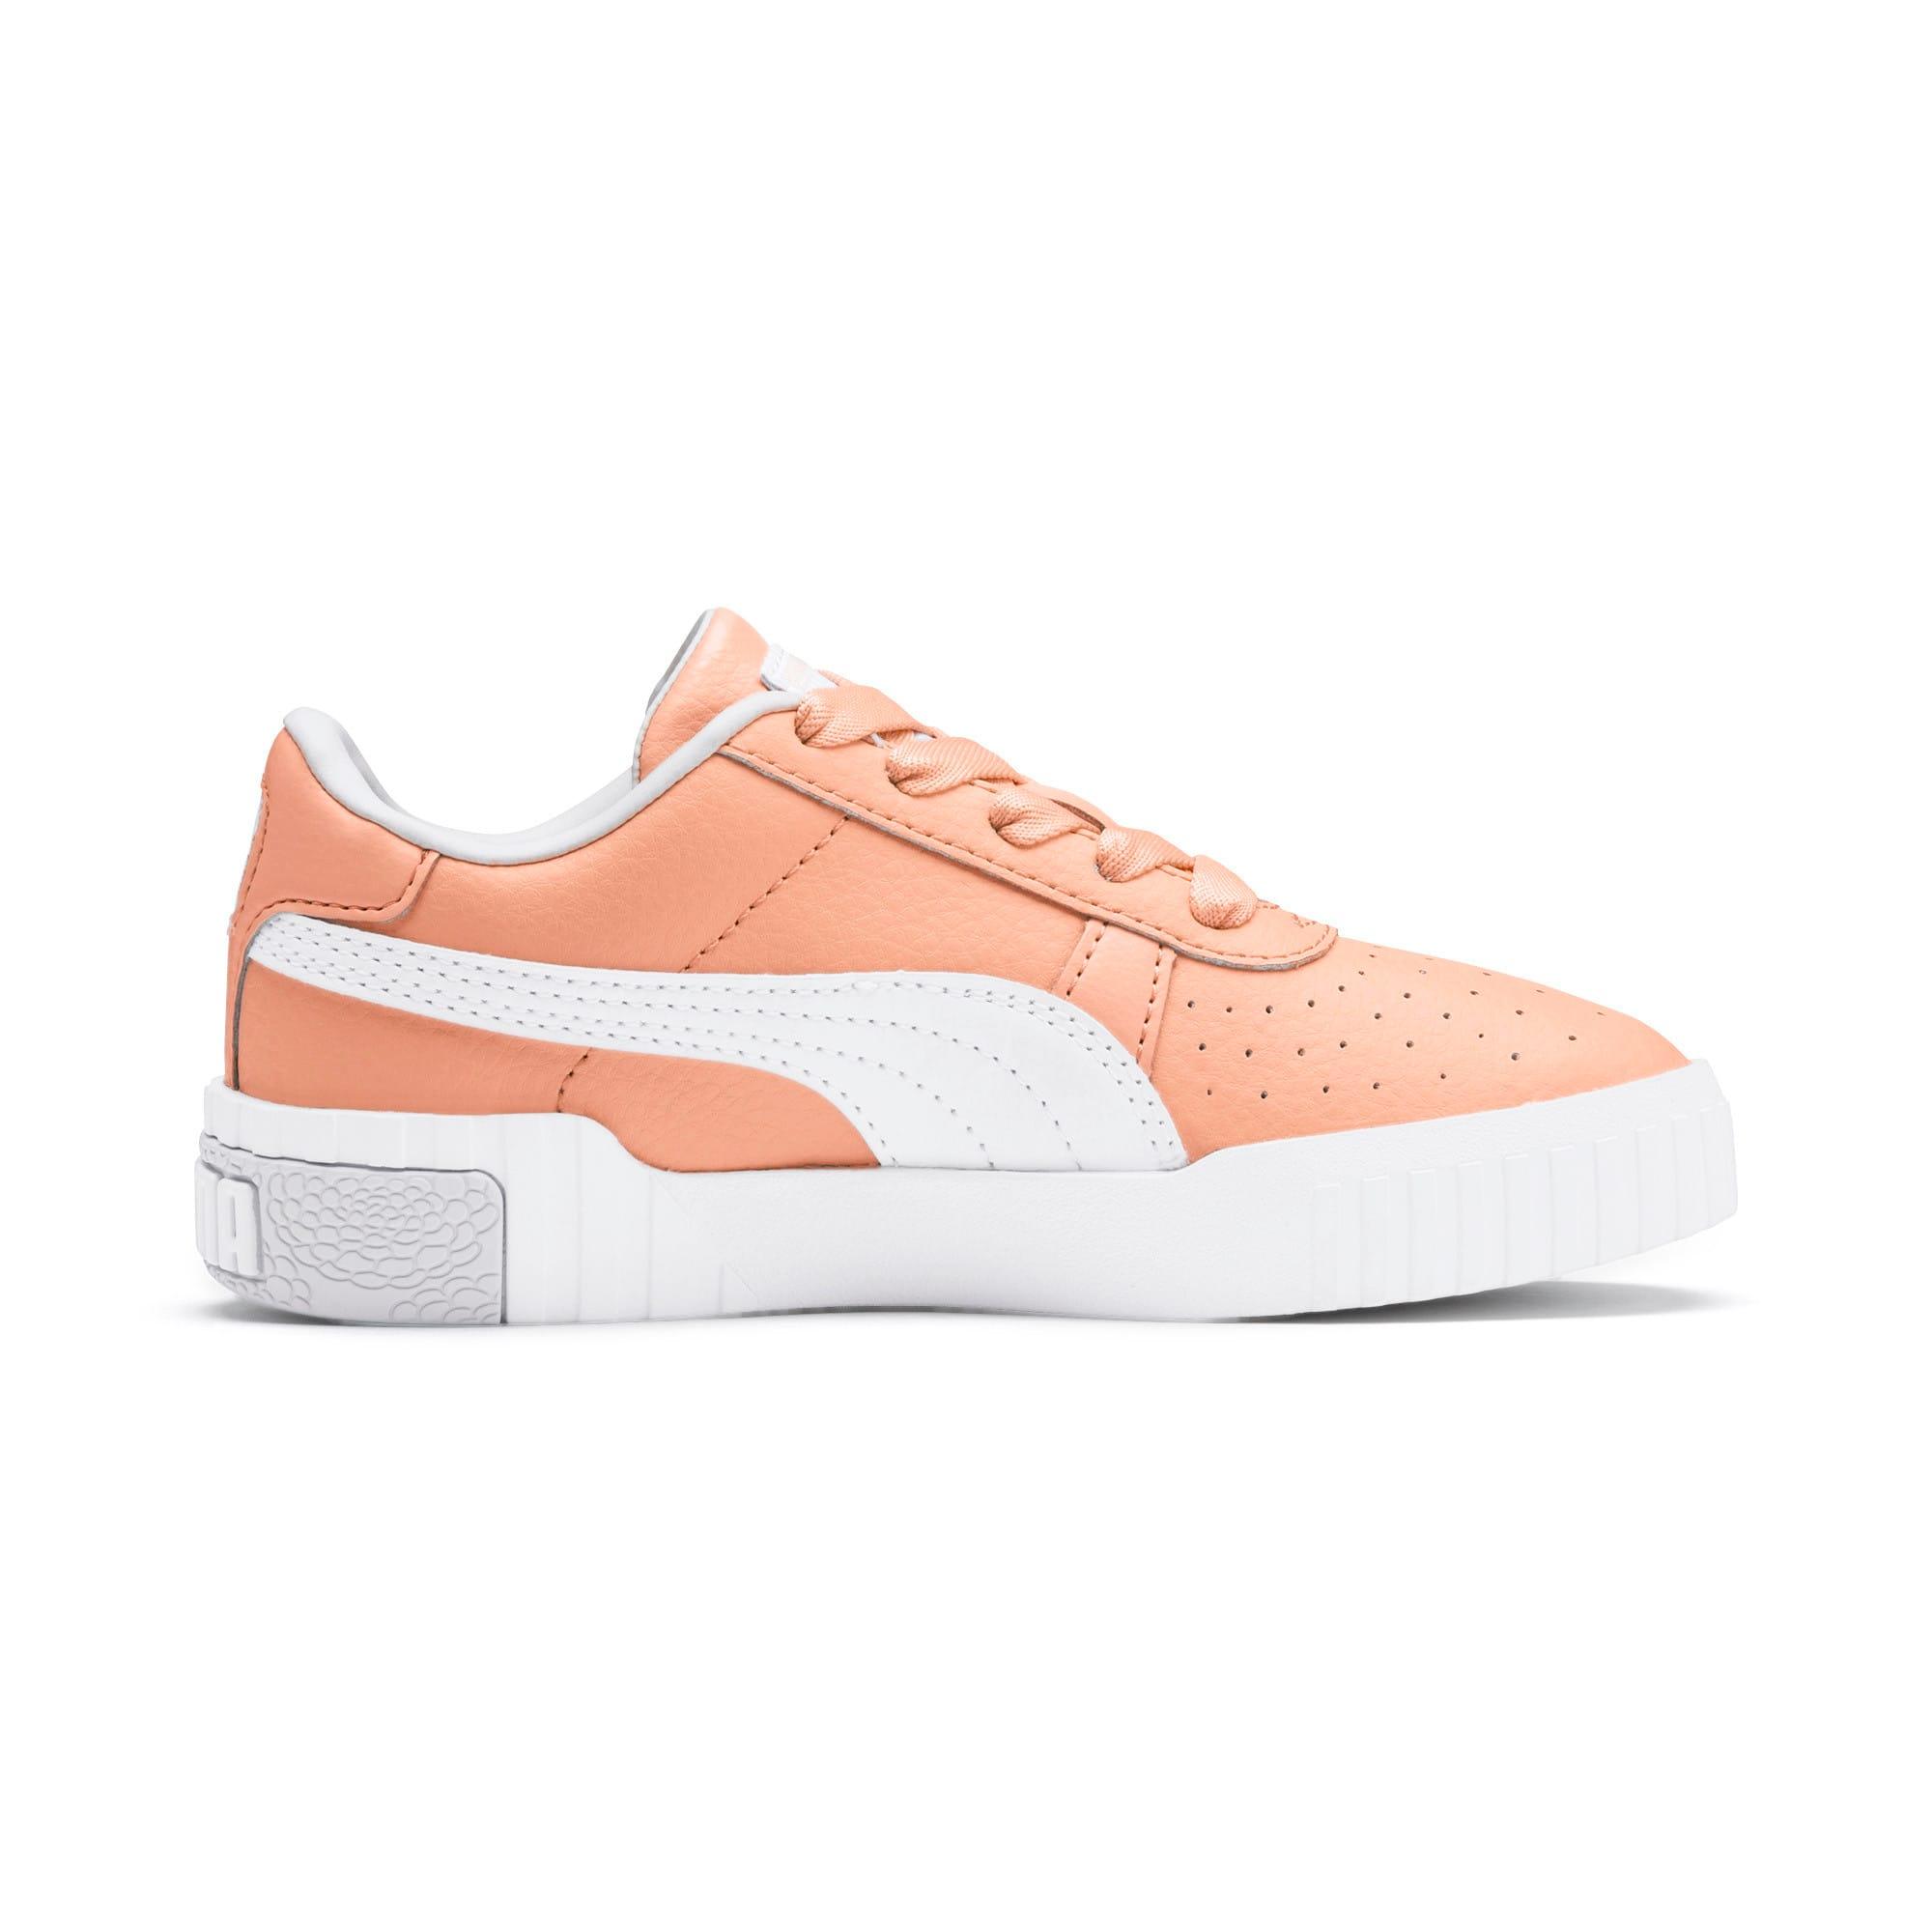 Thumbnail 5 of Cali Kids' Mädchen Sneaker, Peach Parfait-Heather, medium